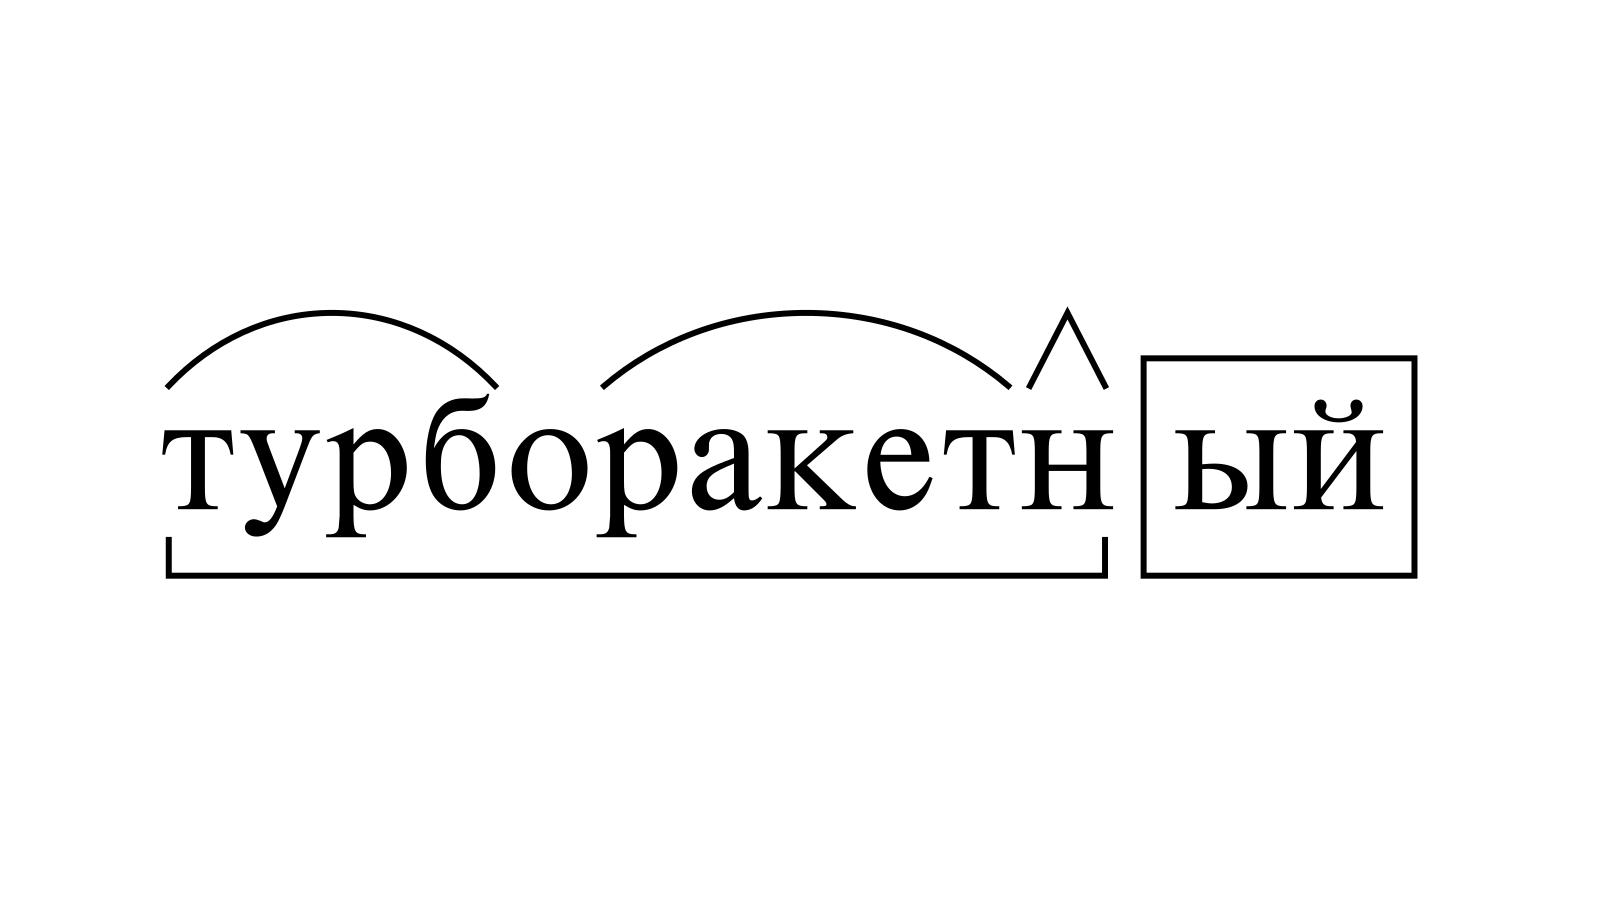 Разбор слова «турборакетный» по составу